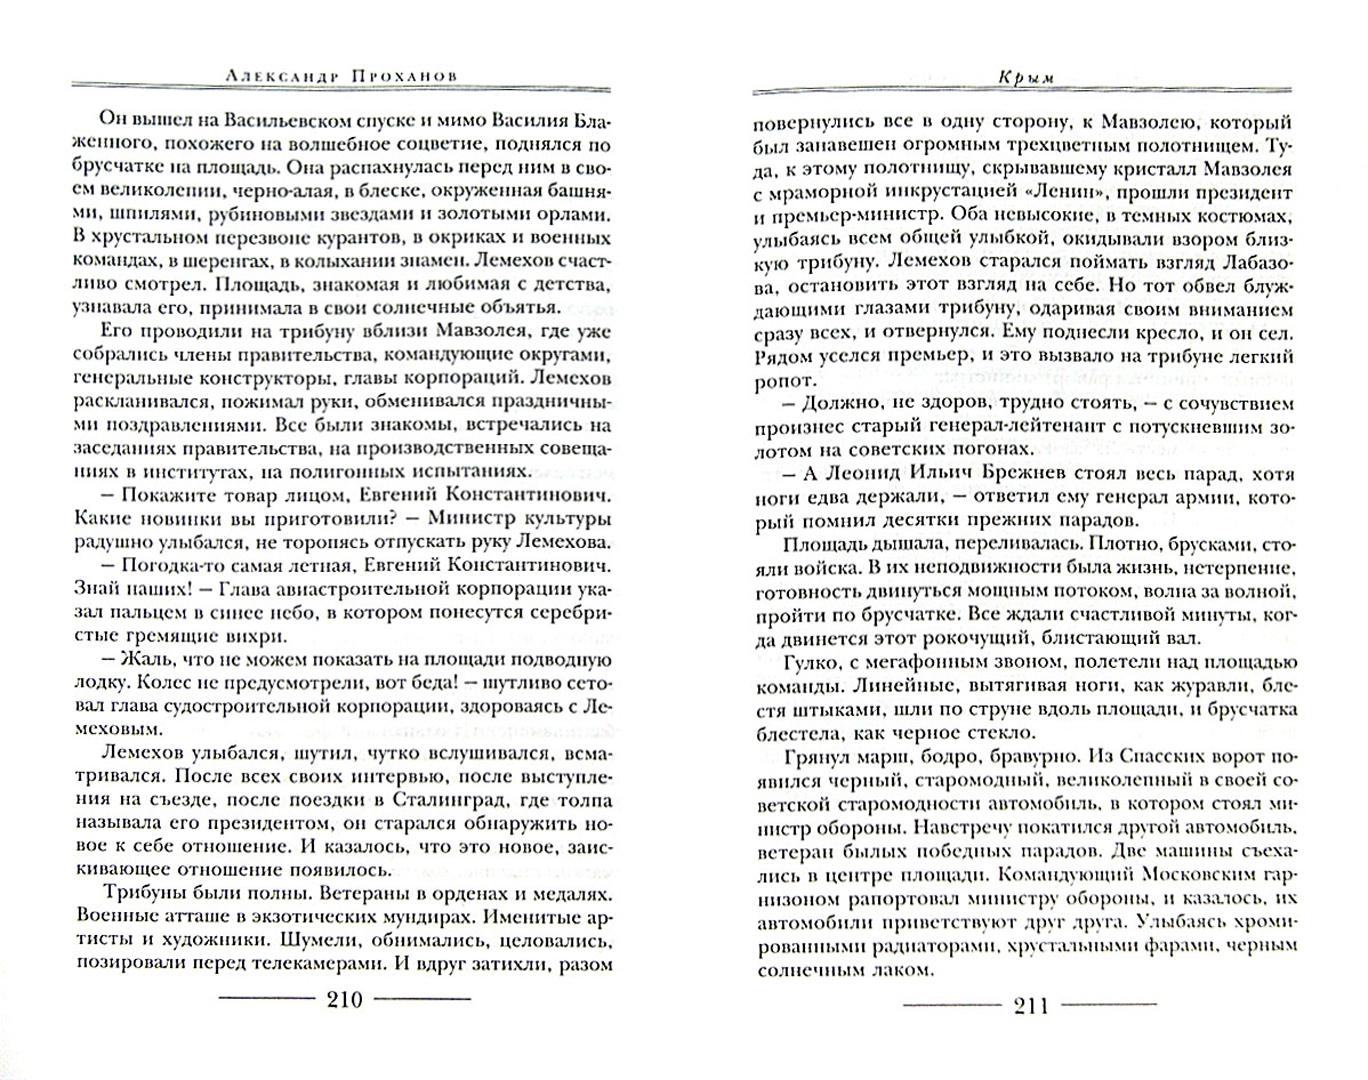 Иллюстрация 1 из 10 для Крым - Александр Проханов   Лабиринт - книги. Источник: Лабиринт